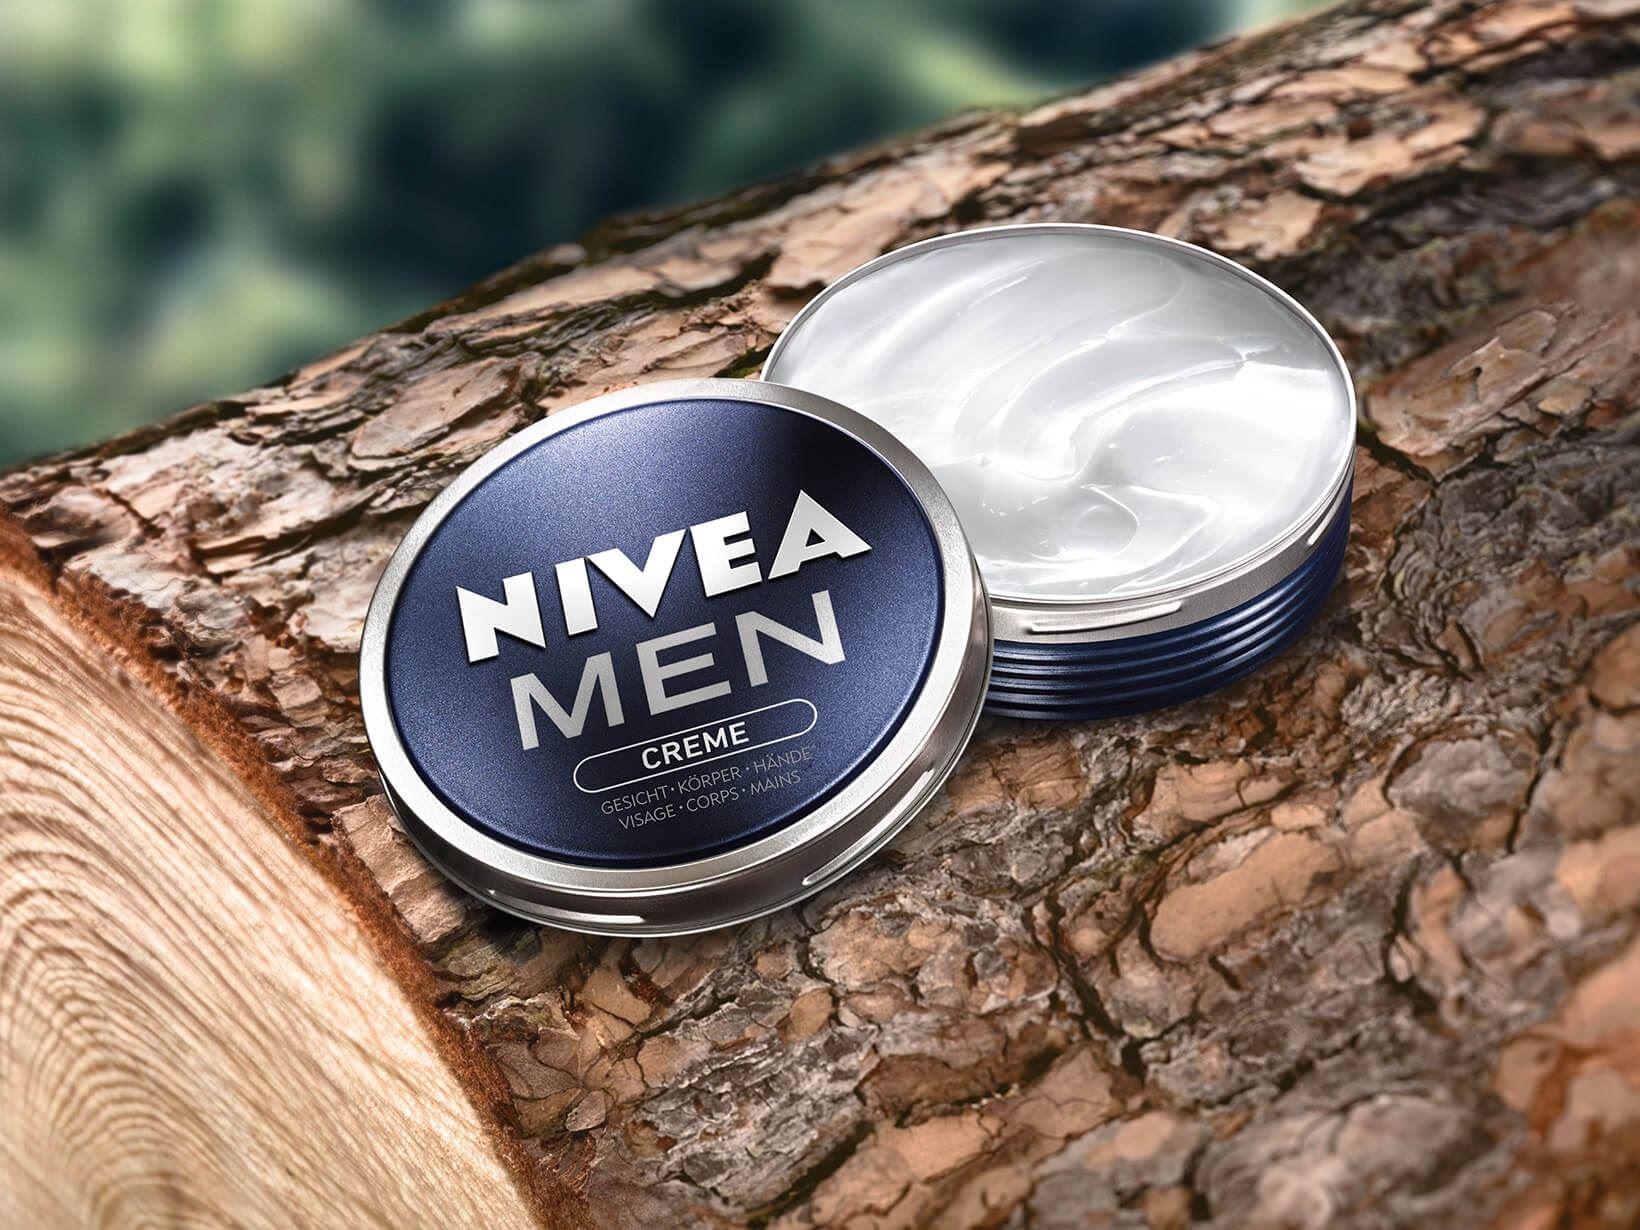 Крем для лица nivea серии nivea men